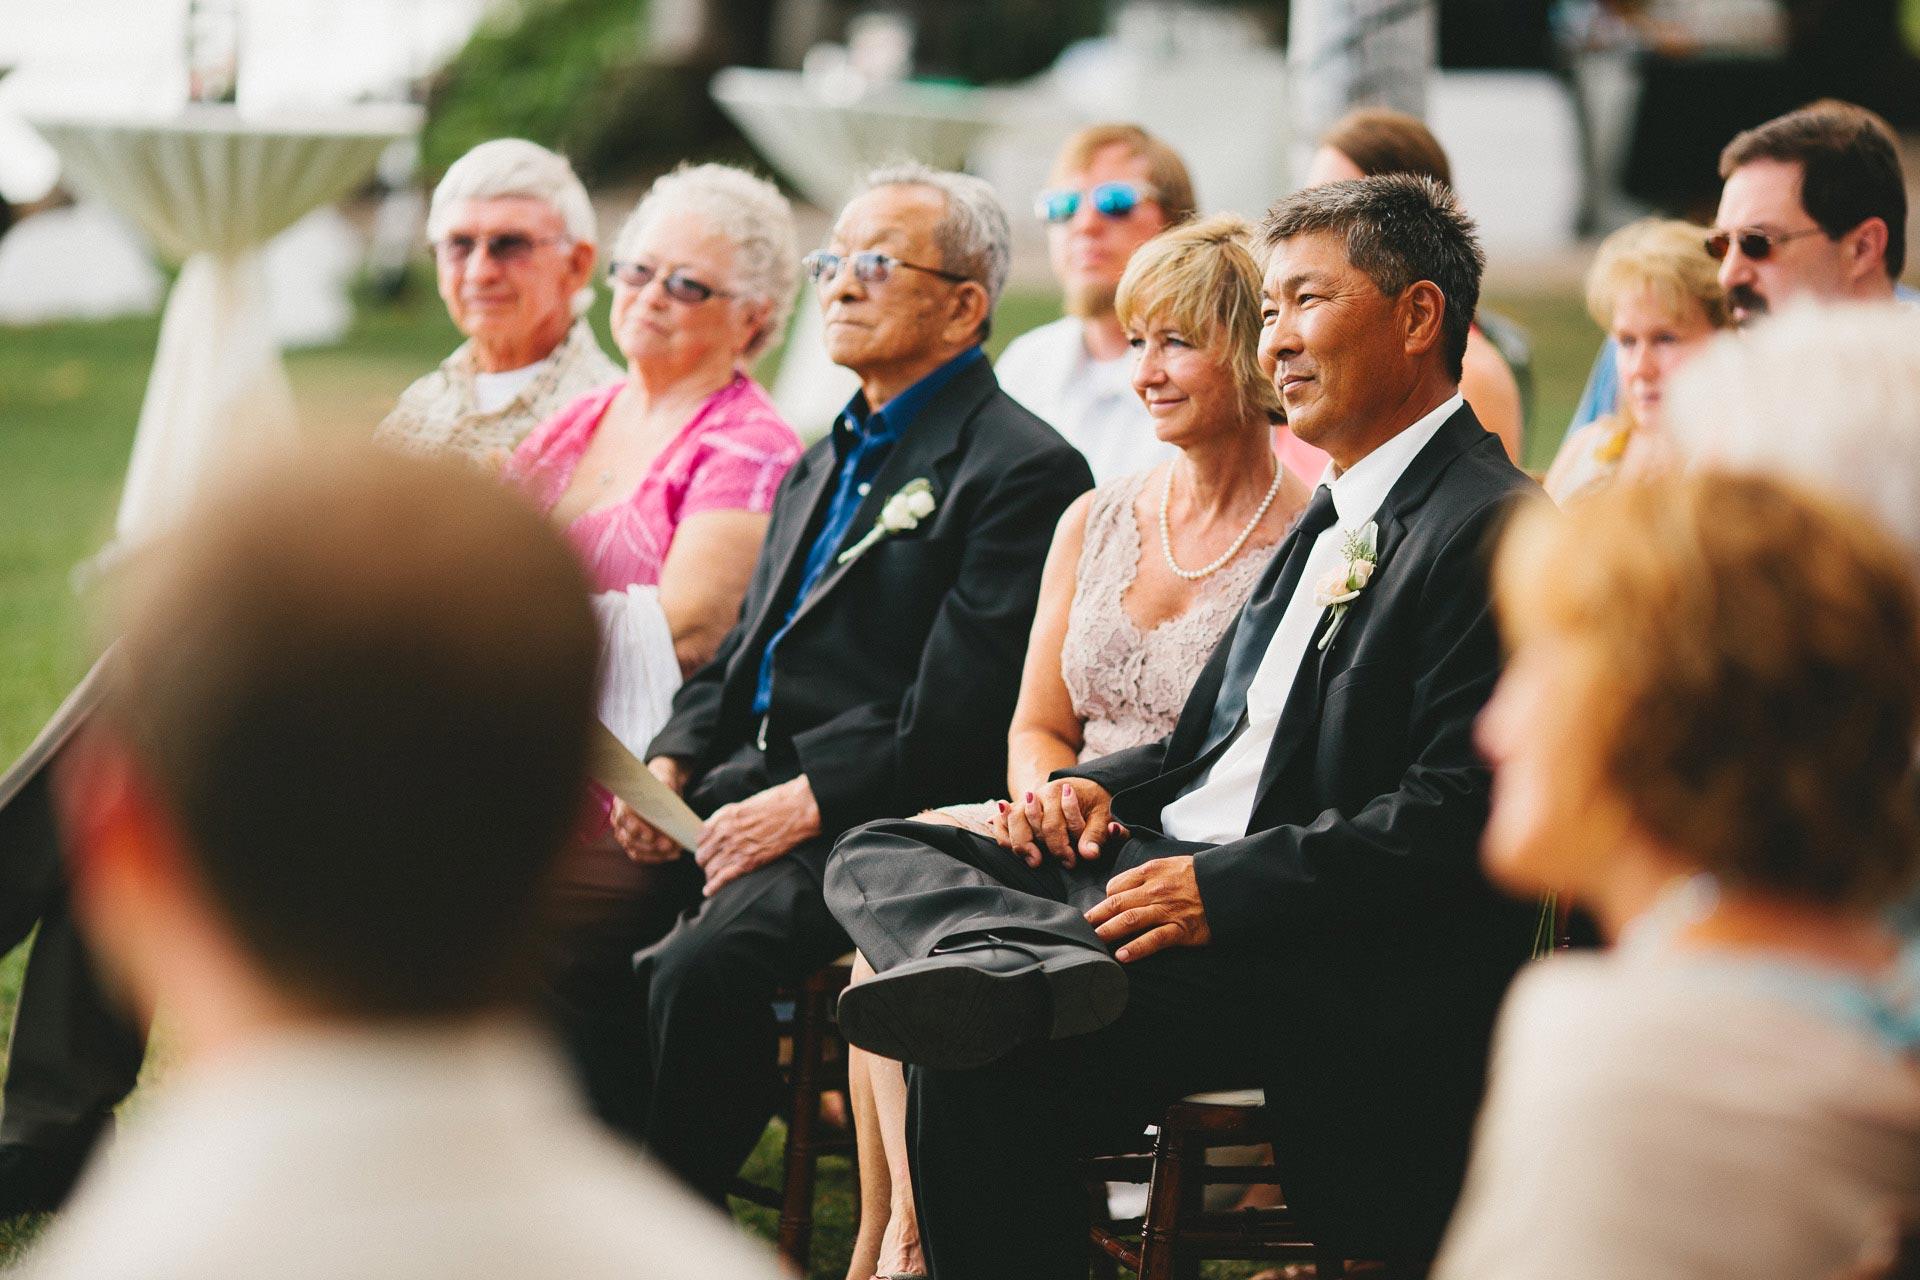 KW-Maui-Hawaii-Wedding-097@2x.jpg